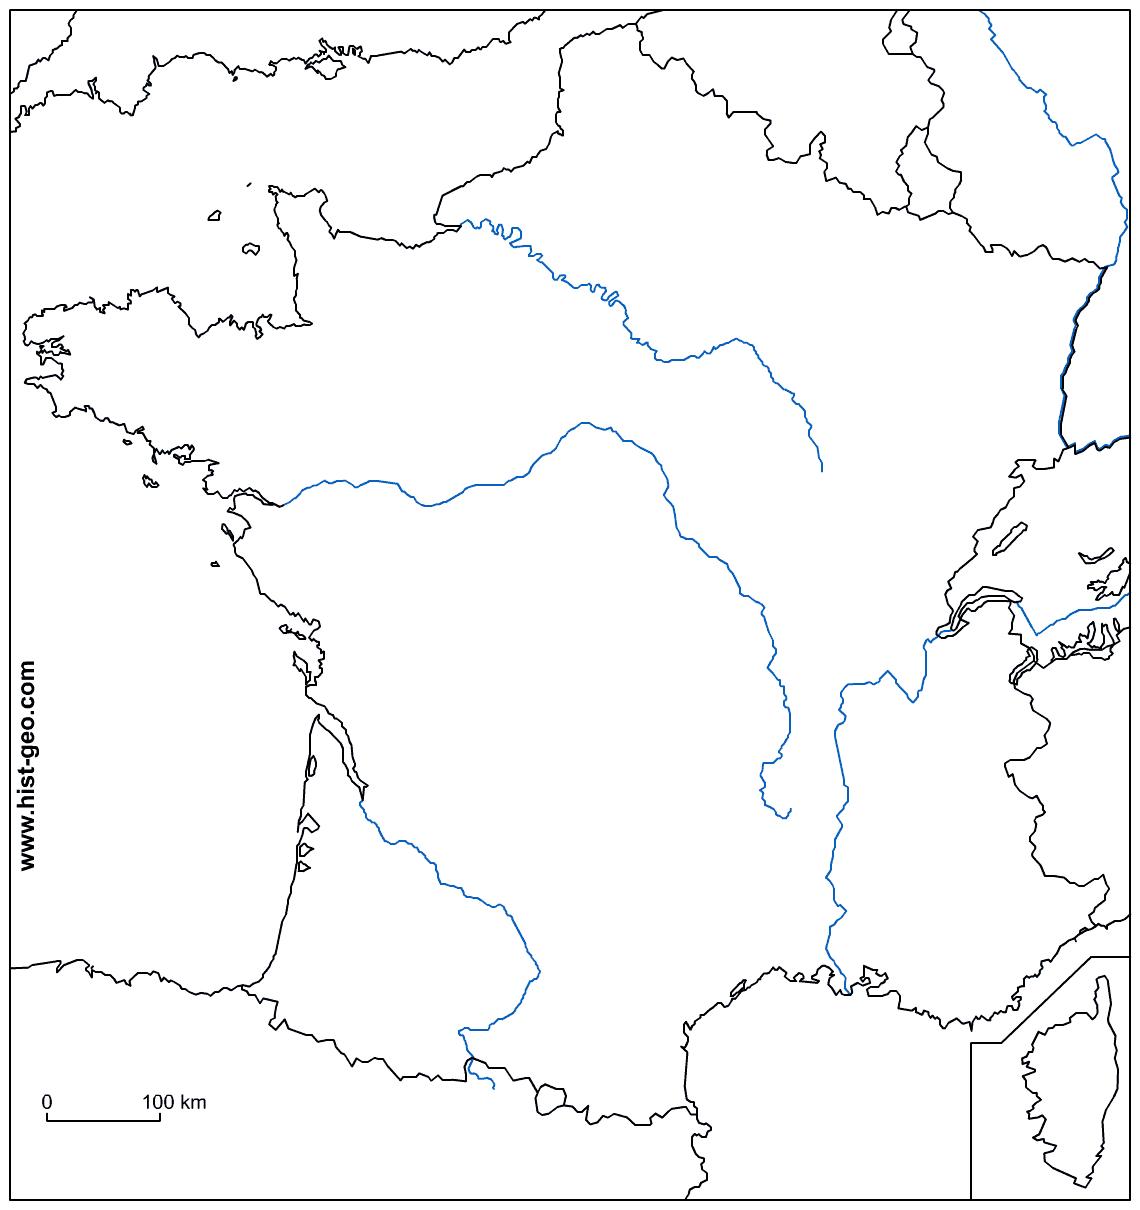 France Fleuves-1 | Géographie, Carte De France, Carte France à Fleuves Ce2